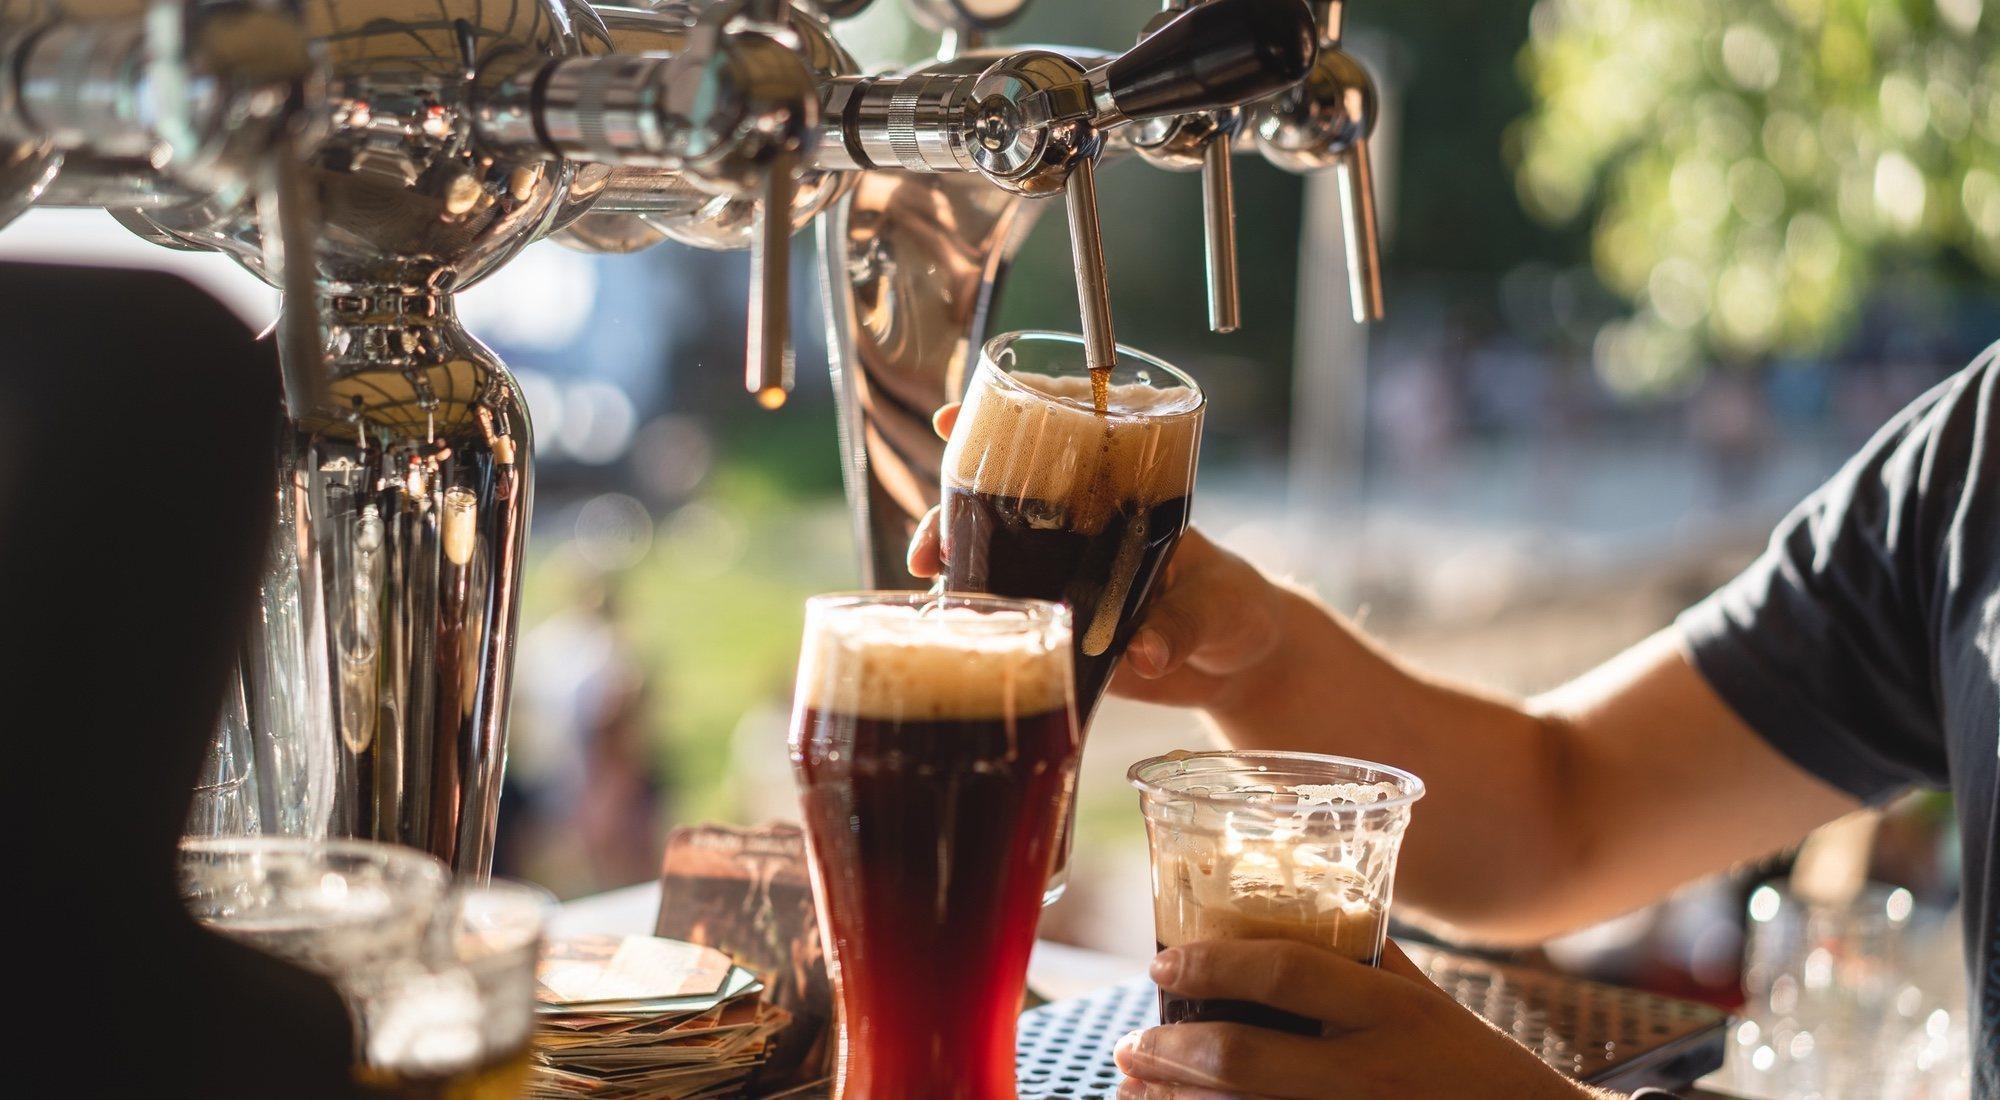 Estos son los países europeos que producen más cerveza